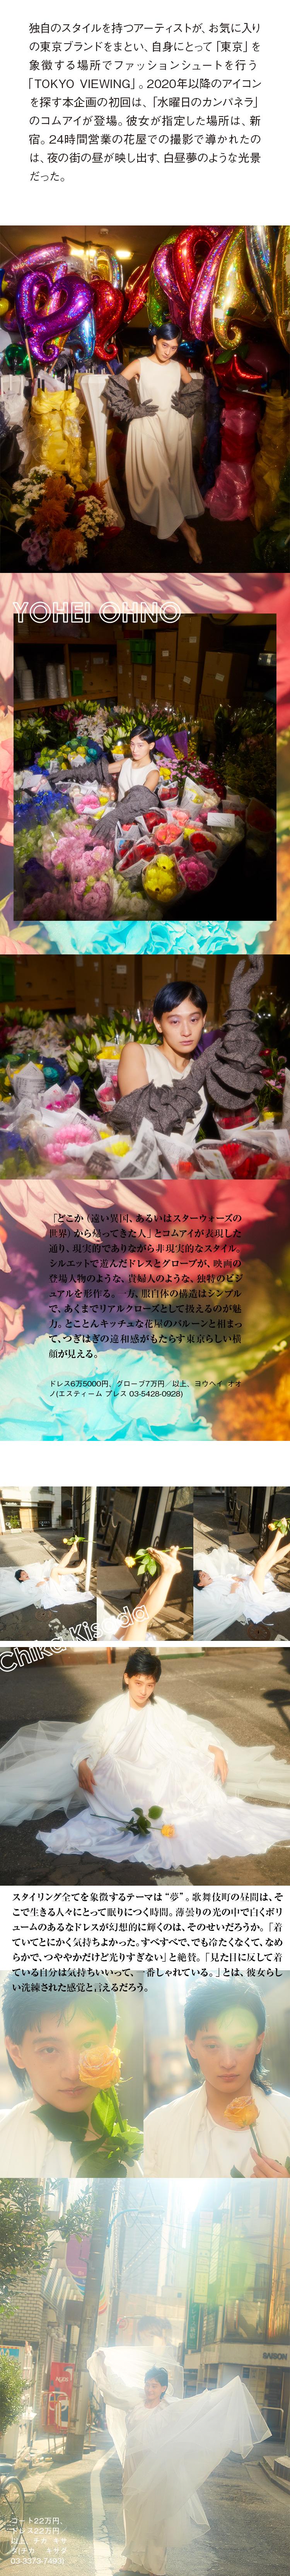 """独自のスタイルを持つアーティストが、お気に入りの東京ブランドをまとい、自身にとって「東京」を象徴する場所でファッションシュートを行う「TOKYO VIEWING」。2020年以降のアイコンを探す本企画の初回は、「水曜日のカンパネラ」のコムアイが登場。彼女が指定した場所は、新宿。24時間営業の花屋での撮影で導かれたのは、夜の街の昼が映し出す、白昼夢のような光景だった。>ヨウヘイオオノ「どこか(遠い異国、あるいはスターウォーズの世界)から帰ってきた人」とコムアイが表現した通り、現実的でありながら非現実的なスタイル。シルエットで遊んだドレスとグローブが、映画の登場人物のような、貴婦人のような、独特のビジュアルを形作る。一方、服自体の構造はシンプルで、あくまでリアルクローズとして扱えるのが魅力。とことんキッチュな花屋のバルーンと相まって、つぎはぎの違和感がもたらす東京らしい横顔が見える。・衣装クレジット ドレス6万5000円、グローブ7万円/以上、ヨウヘイ オオノ(エスティーム プレス 03-5428-0928)>チカキサダ スタイリング全てを象徴するテーマは""""夢""""。歌舞伎町の昼間は、そこで生きる人々にとって眠りにつく時間。薄曇りの光の中で白くボリュームのあるなドレスが幻想的に輝くのは、そのせいだろうか。「着ていてとにかく気持ちよかった。すべすべで、でも冷たくなくて、なめらかで、つややかだけど光りすぎない」と絶賛。「見た目に反して着ている自分は気持ちいいって、一番しゃれている。」とは、彼女らしい洗練された感覚と言えるだろう。 ・衣装クレジット コート22万円、ドレス22万円/以上、チカ キサダ(チカ キサダ 03-3373-7493)"""